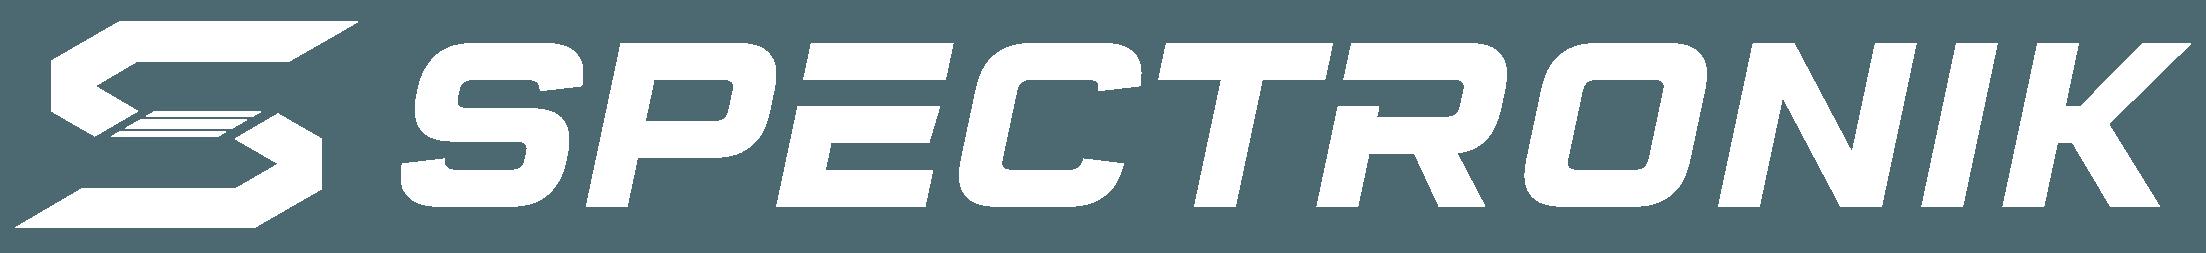 spectronik_logo